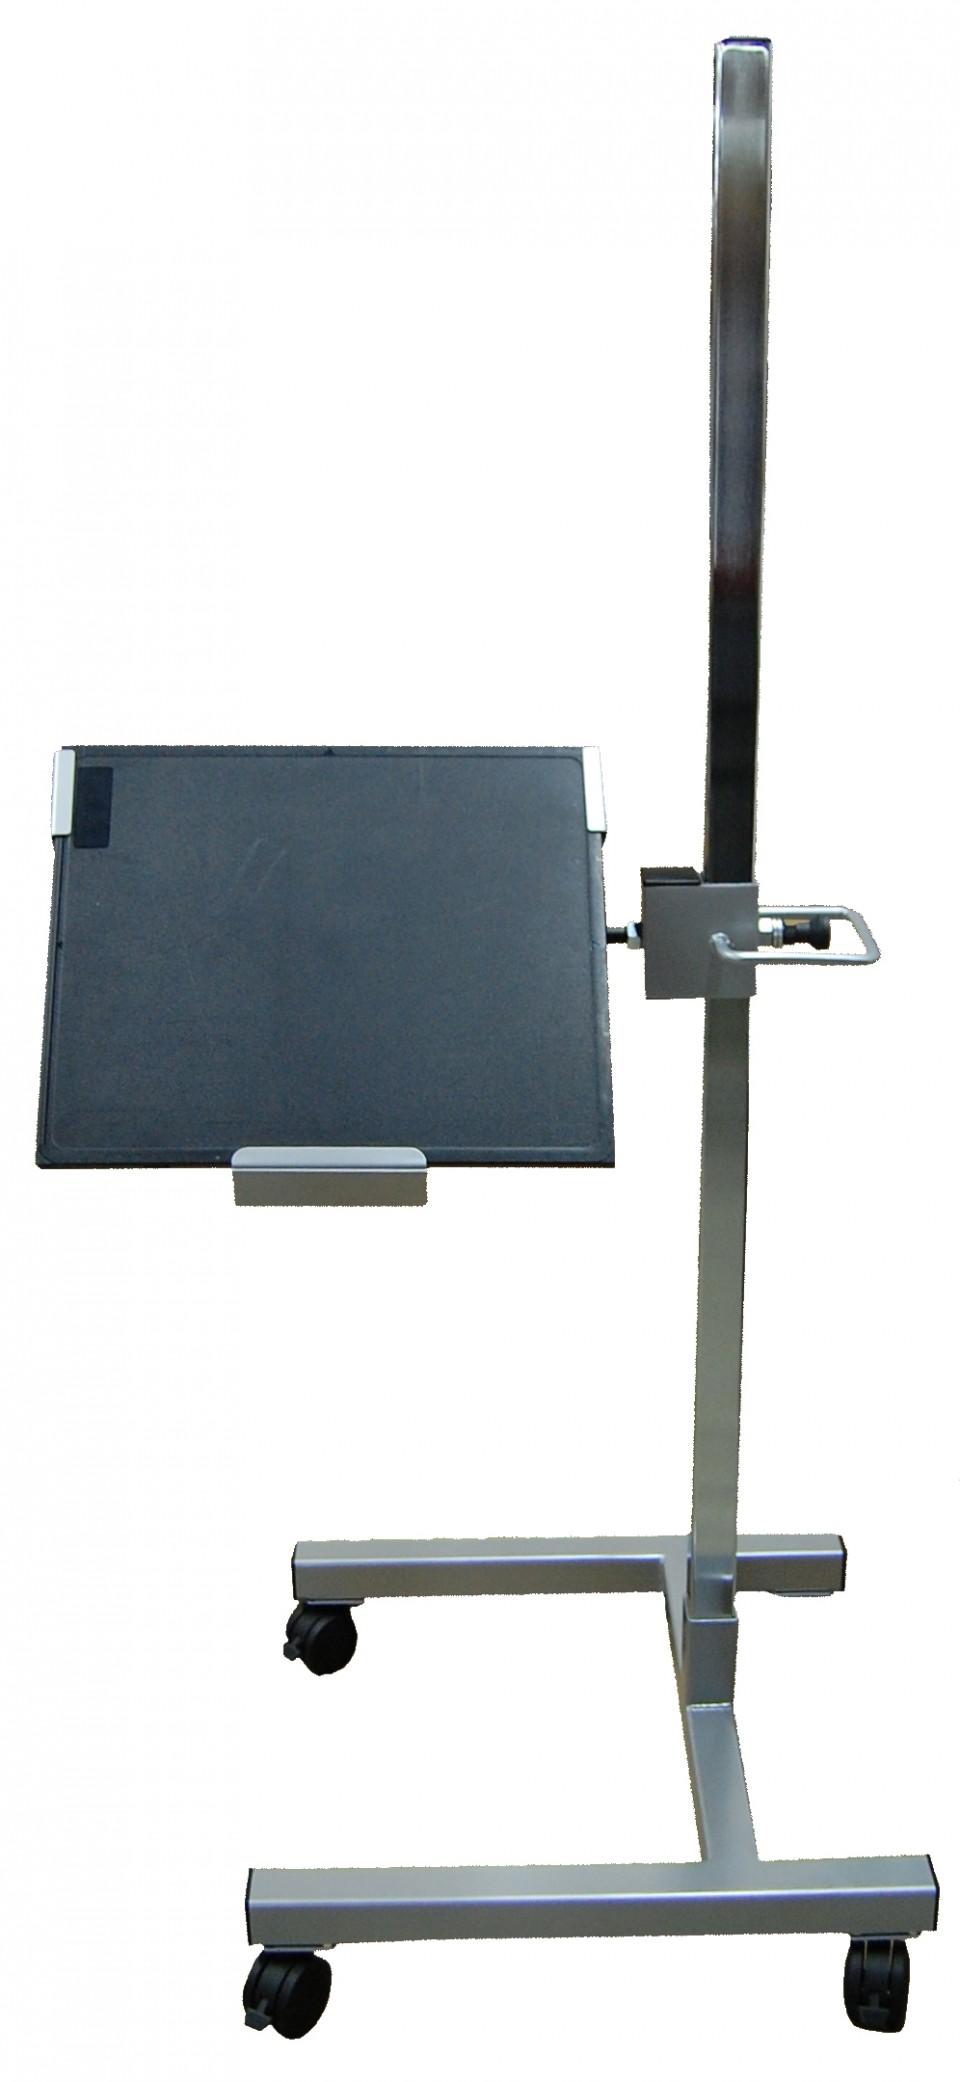 foto de Mobile Cassette CR/DR Plate Holder Improved